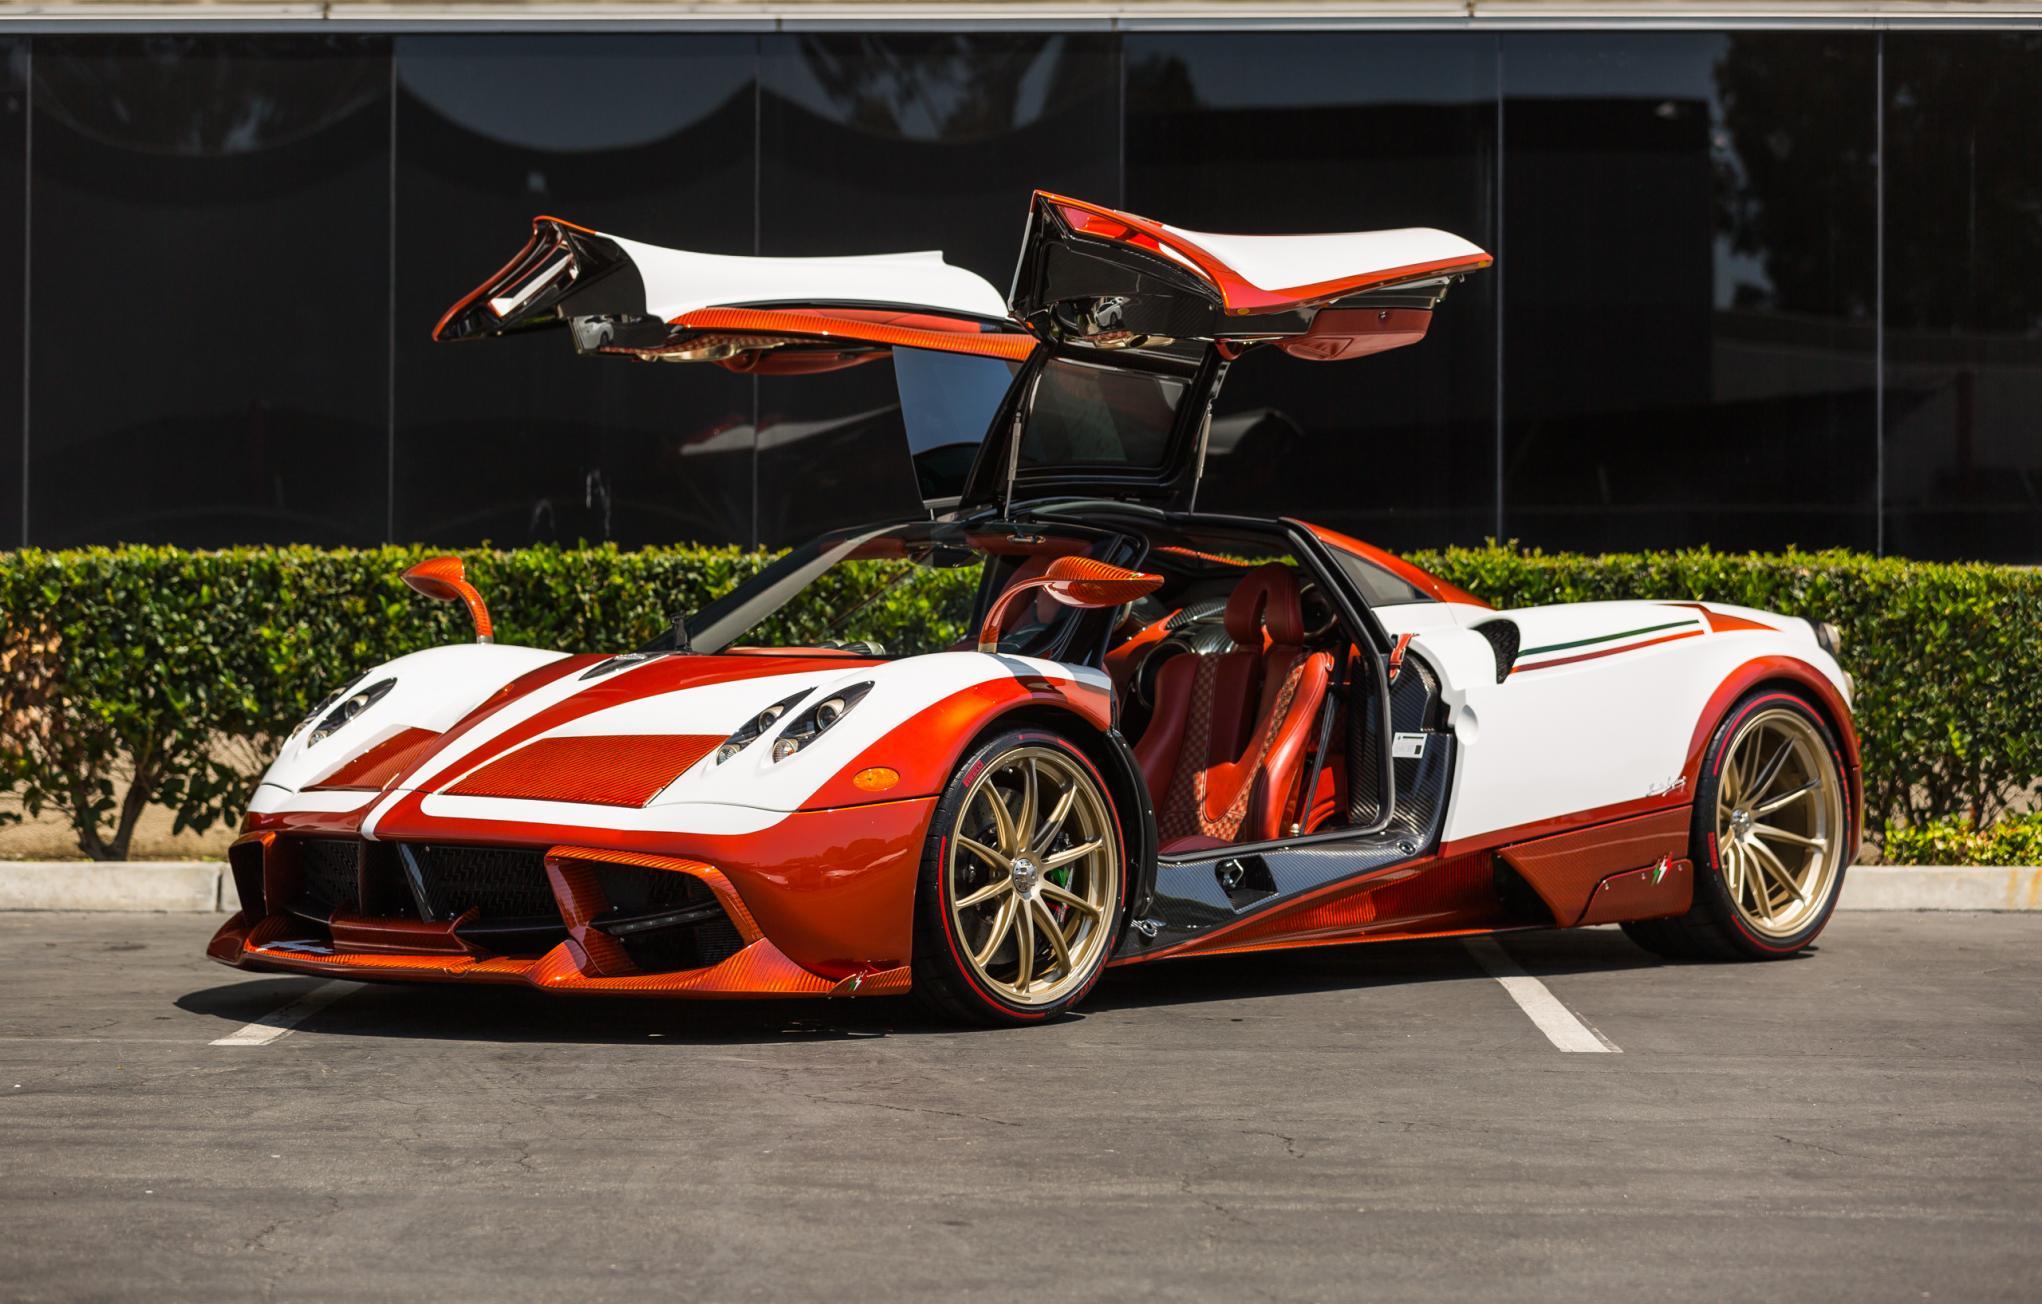 224096d1533786681-socal-supercars-sea-pa